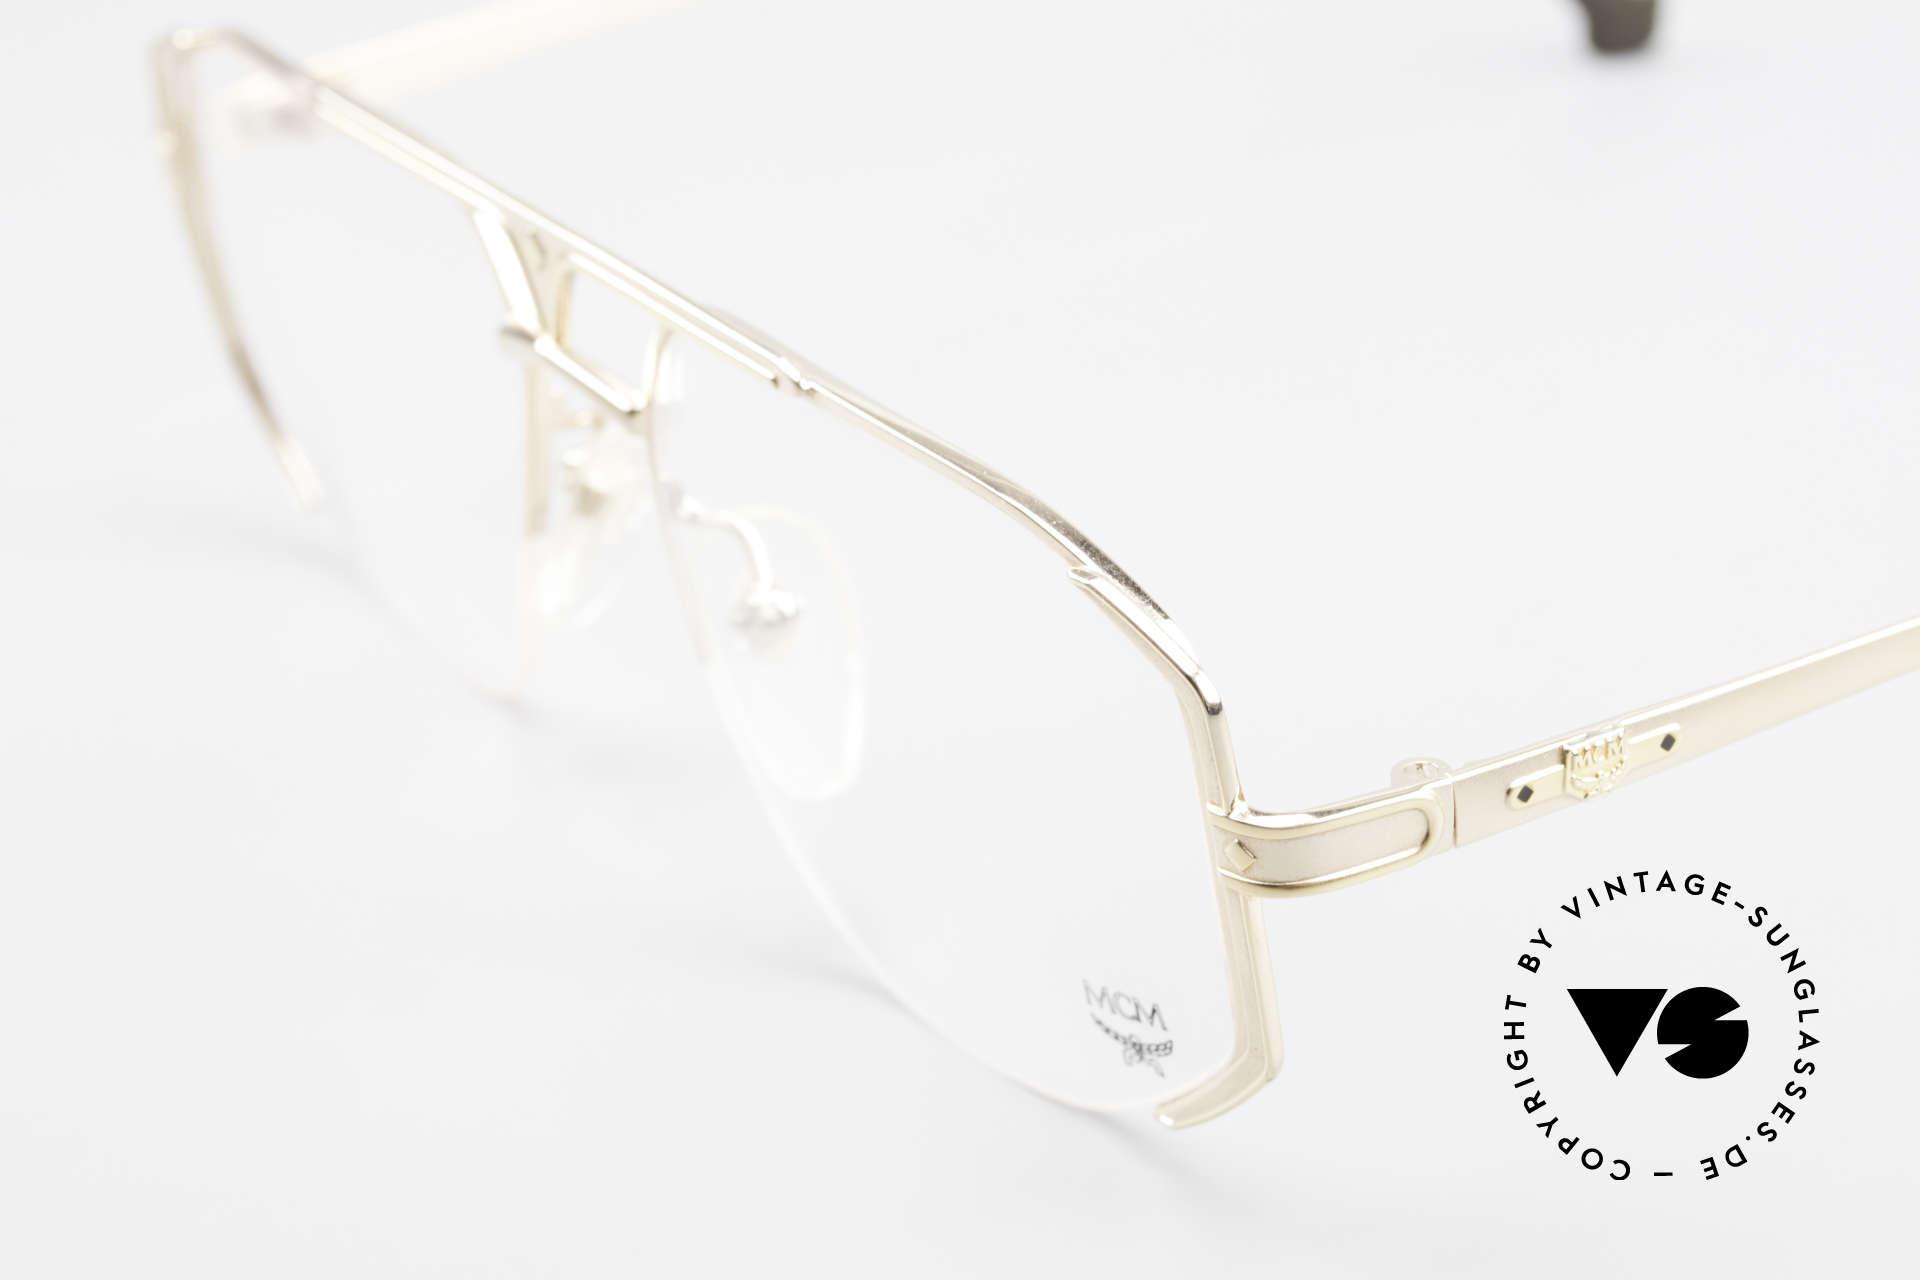 MCM München 5 Titanium Eyeglasses Large, unworn, NOS (like all our old vintage MCM ORIGINALS), Made for Men